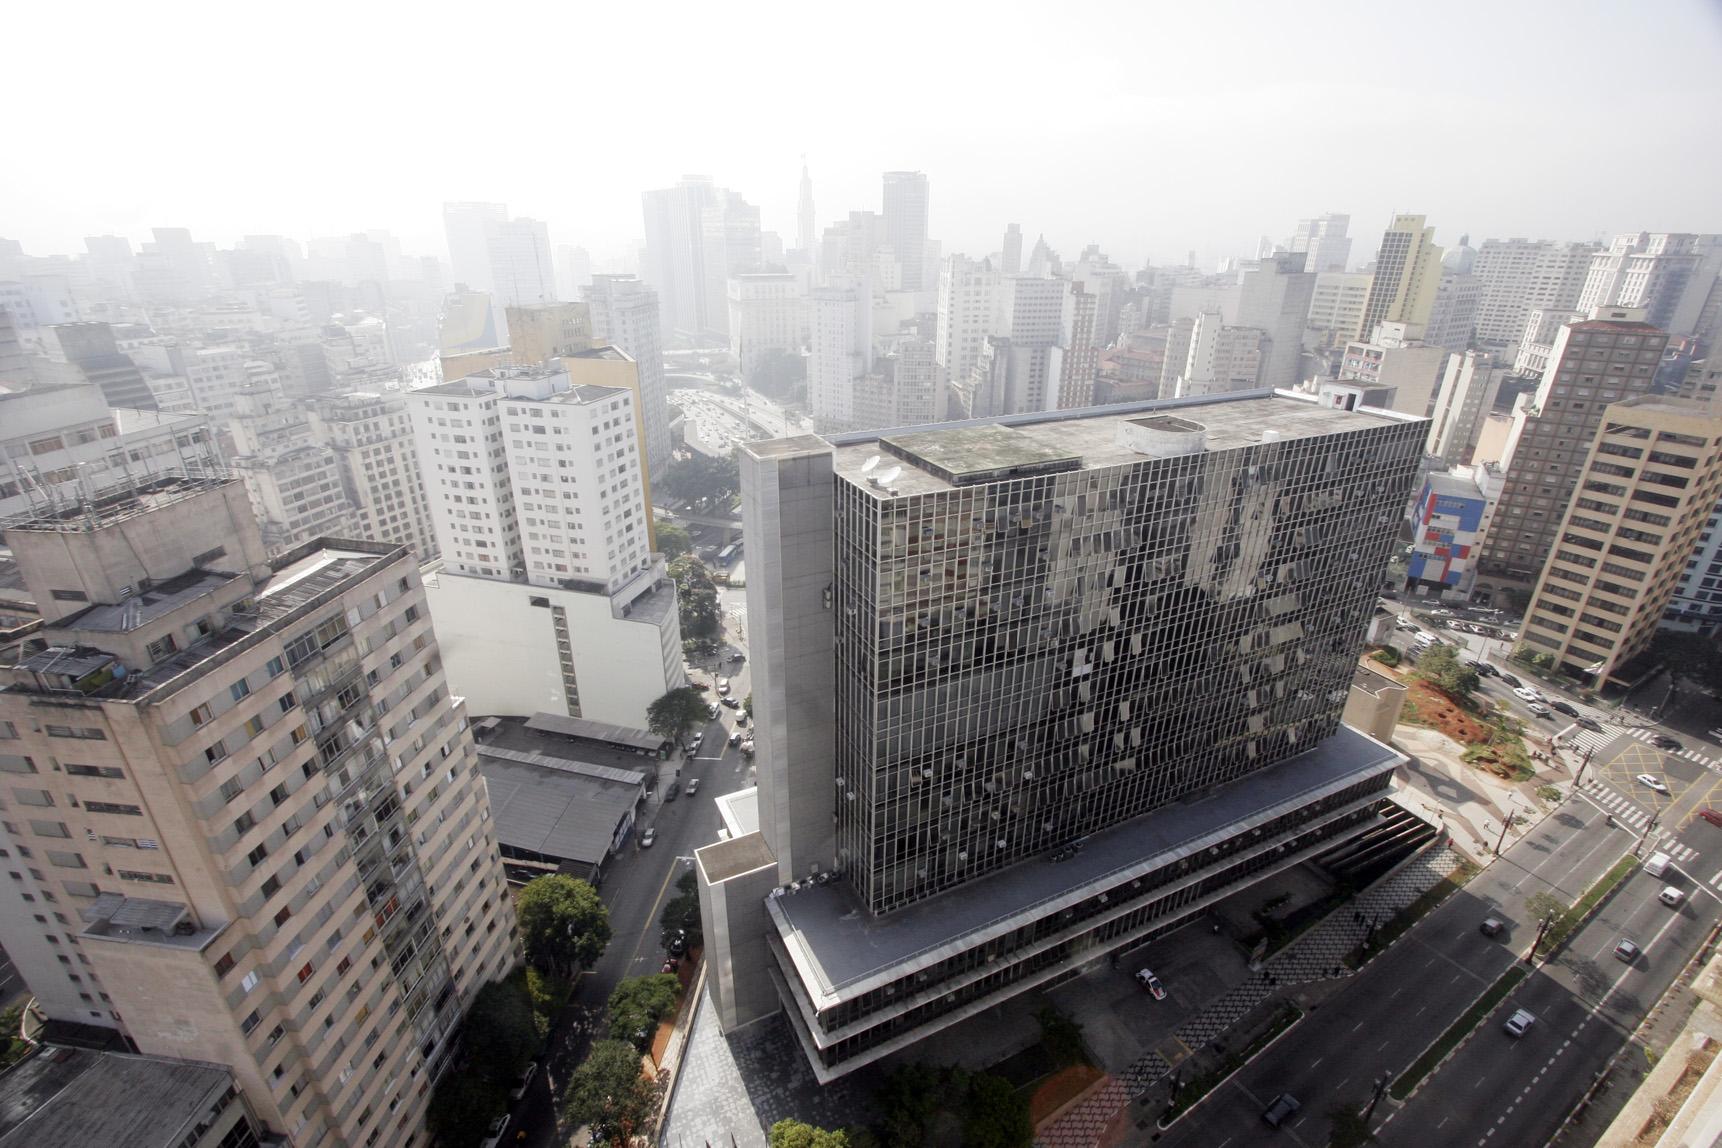 Fachada do prédio da Câmara Municipal vista de cima